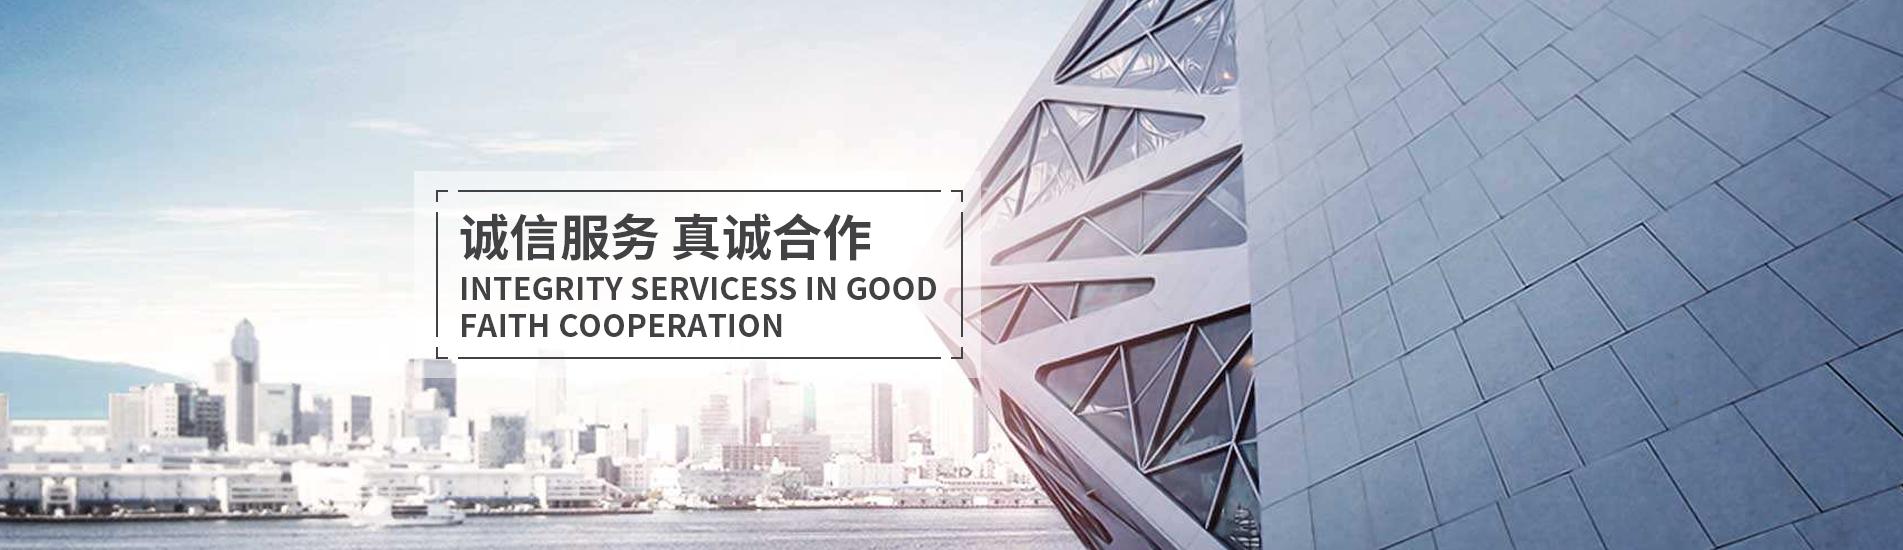 上海注册公司_上海代理记账_代办营业执照